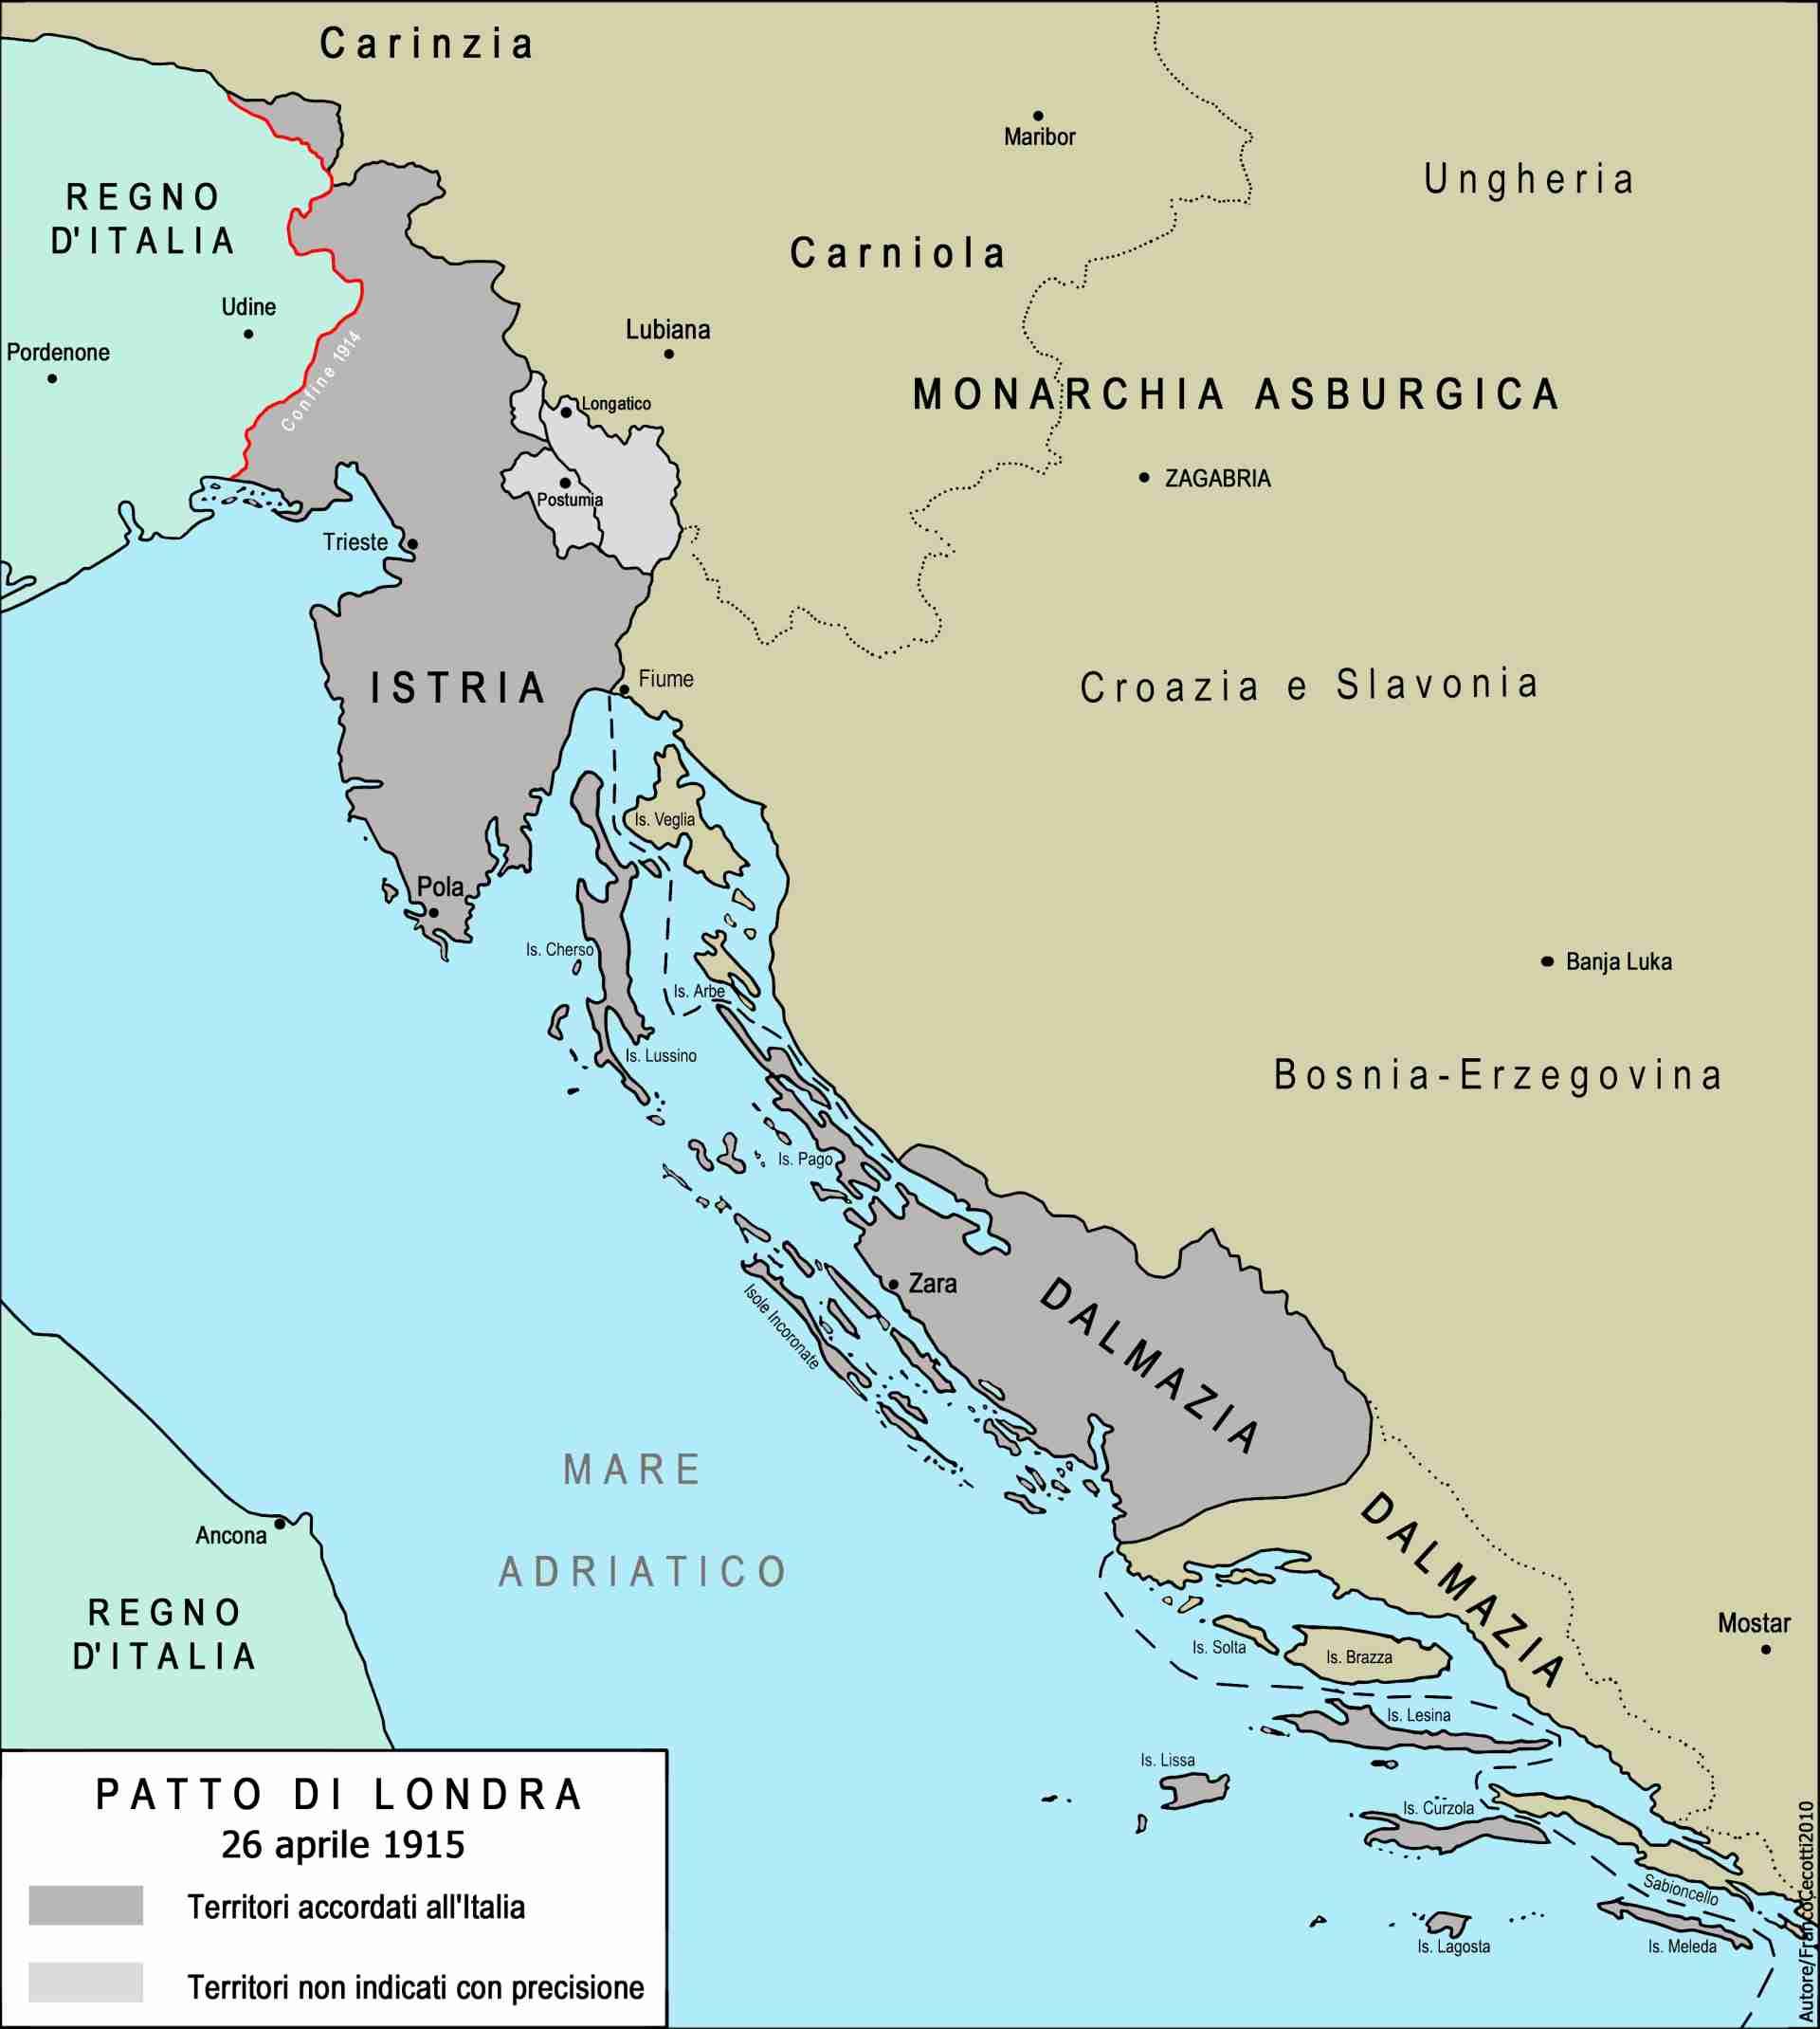 Dalmazia Italiana Cartina.Istituto Regionale Per La Storia Del Movimento Di Liberazione Nel Friuli Venezia Giulia Vademecum Per Il Giorno Del Ricordo